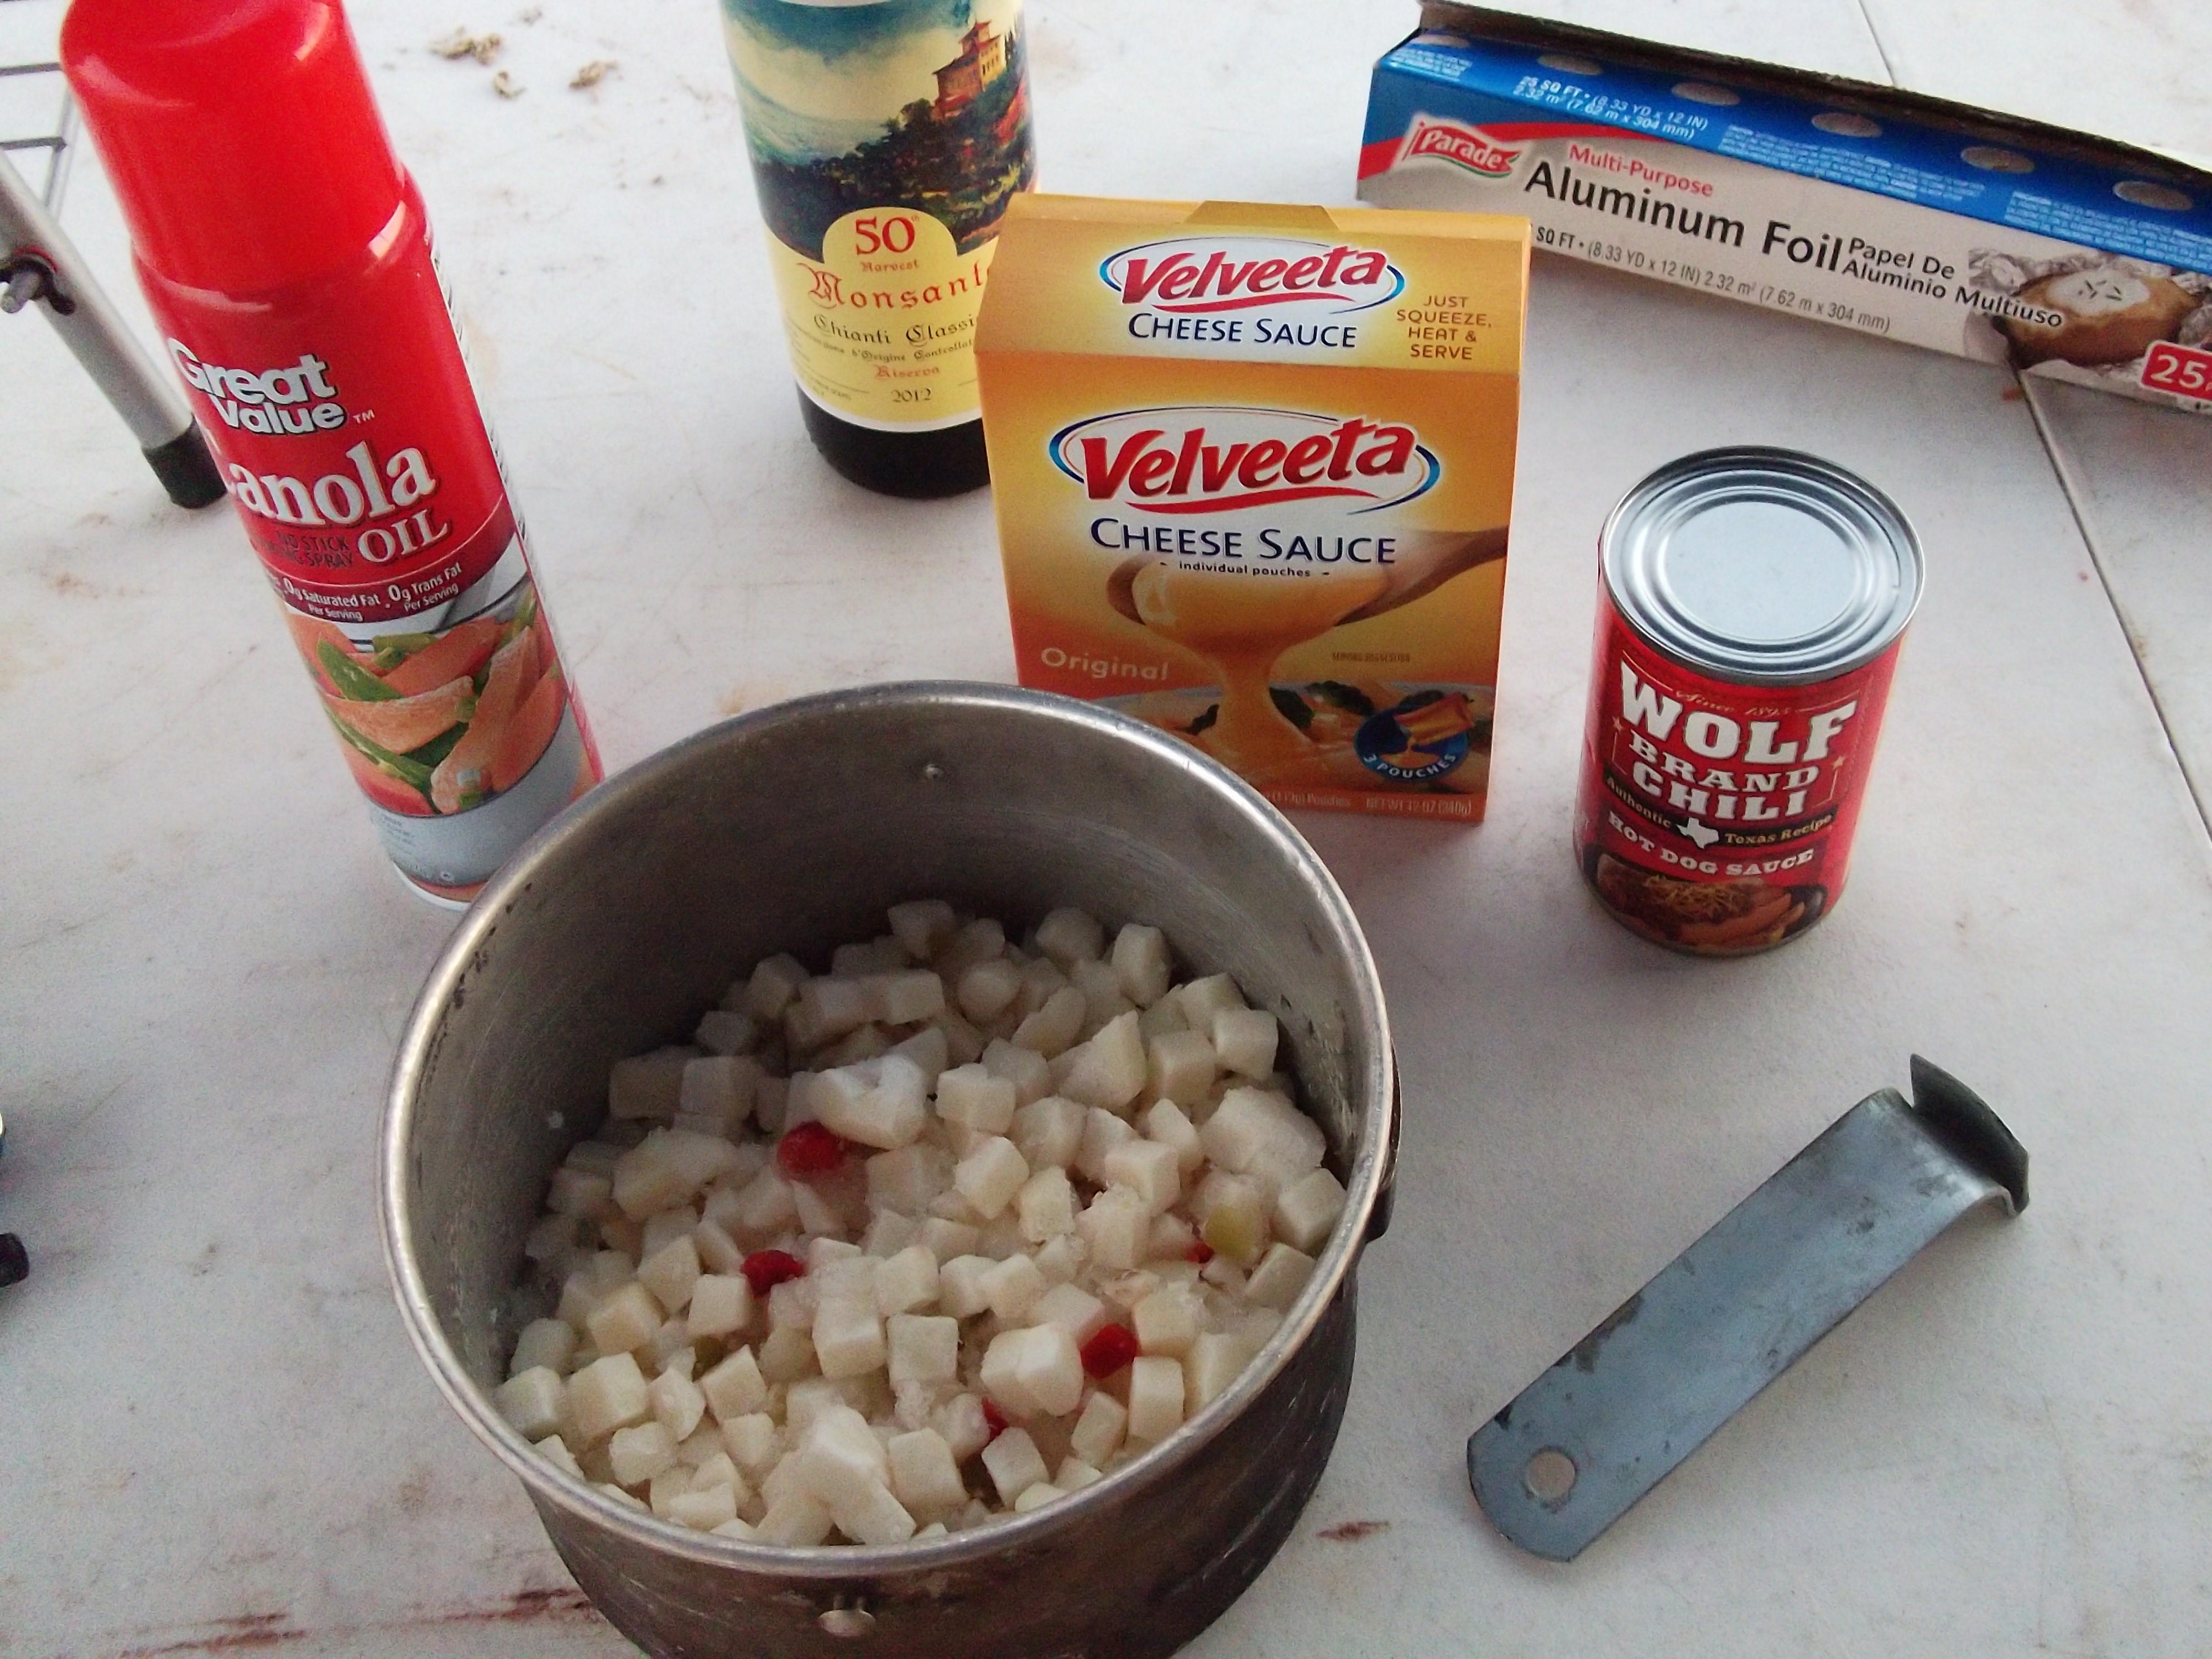 Velveeta Hot Dog Cheese Sauce